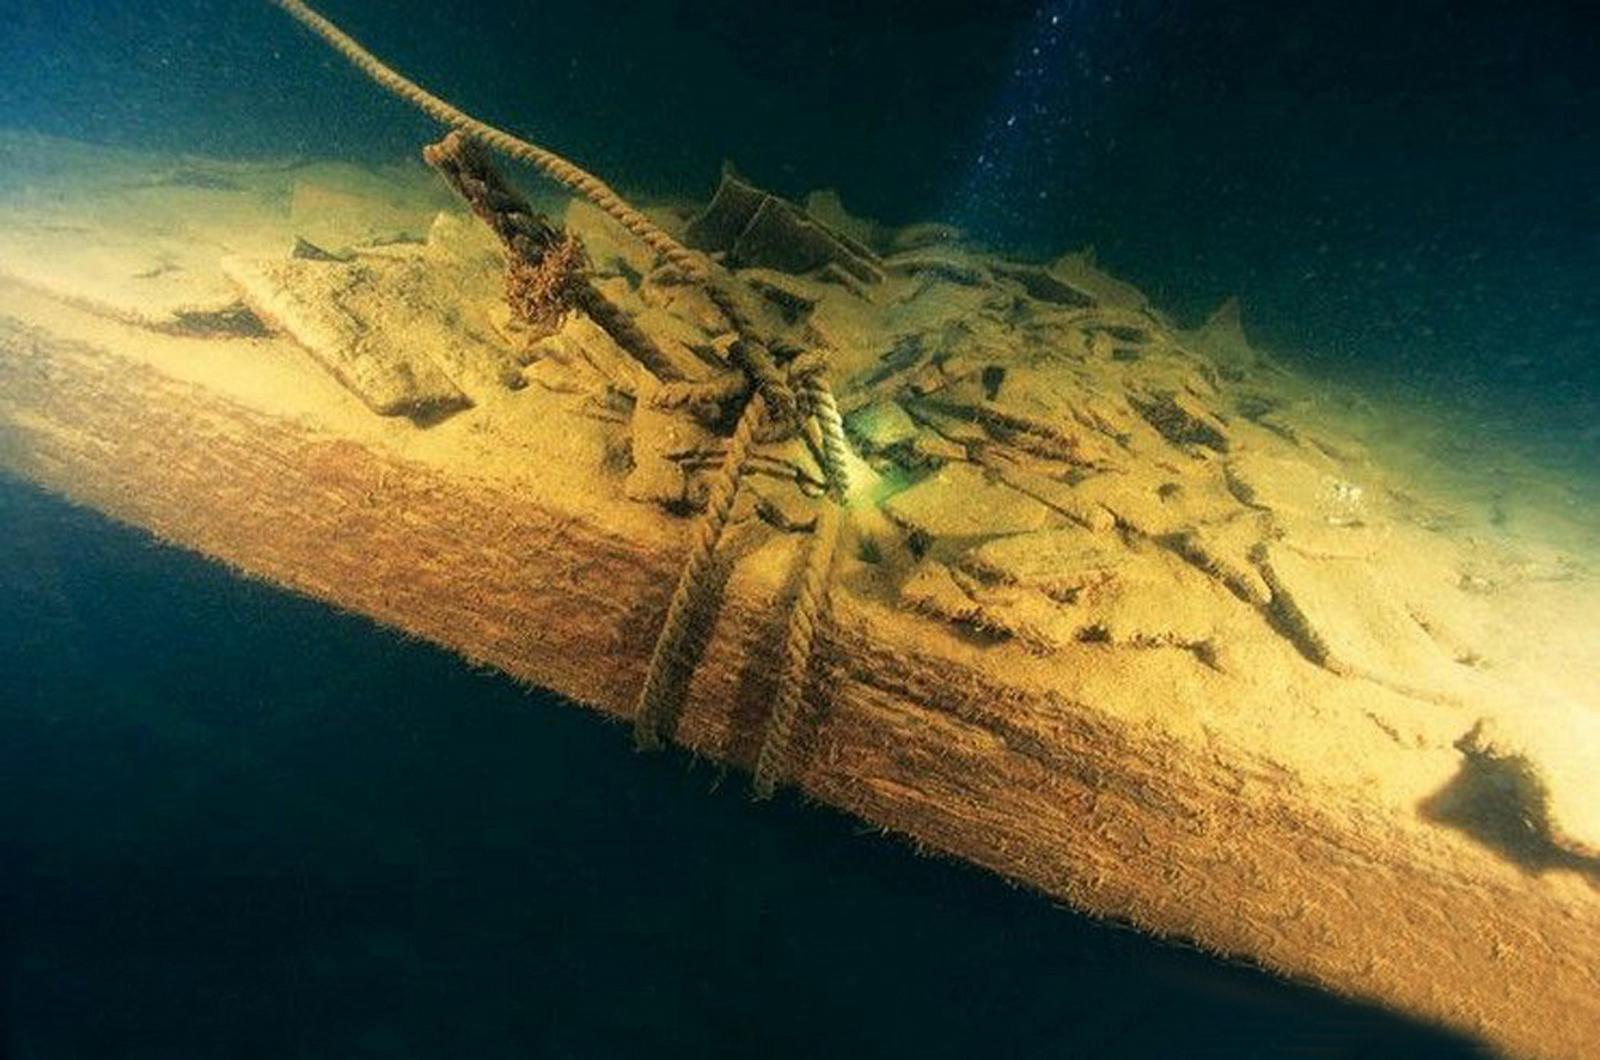 داستان شهرهای مدفون در دریاچه کیادو چین